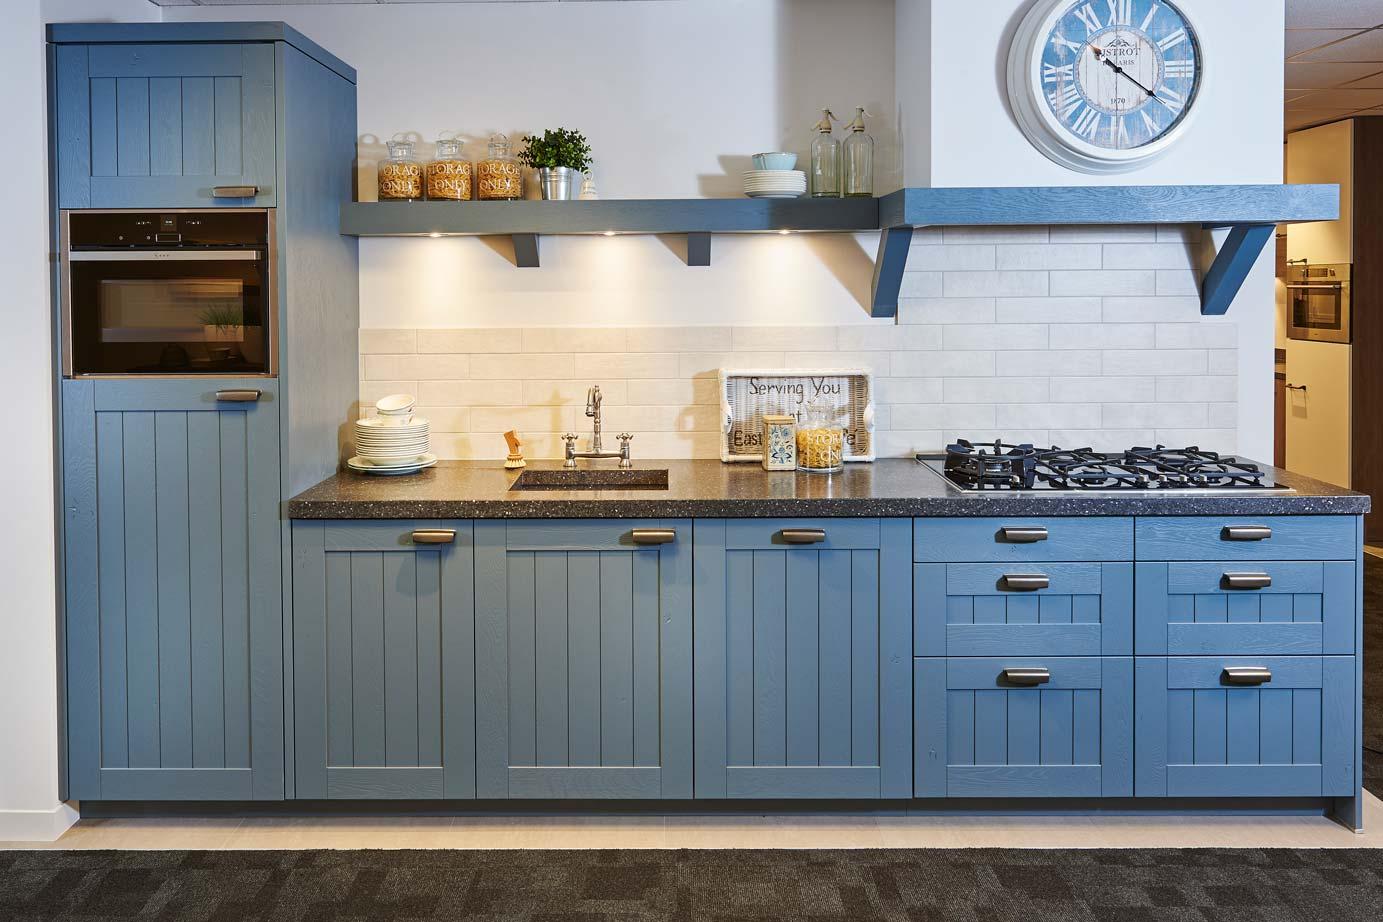 Houten Keuken Geverfd : Houten keukens met allerhoogste klanttevredenheid keur